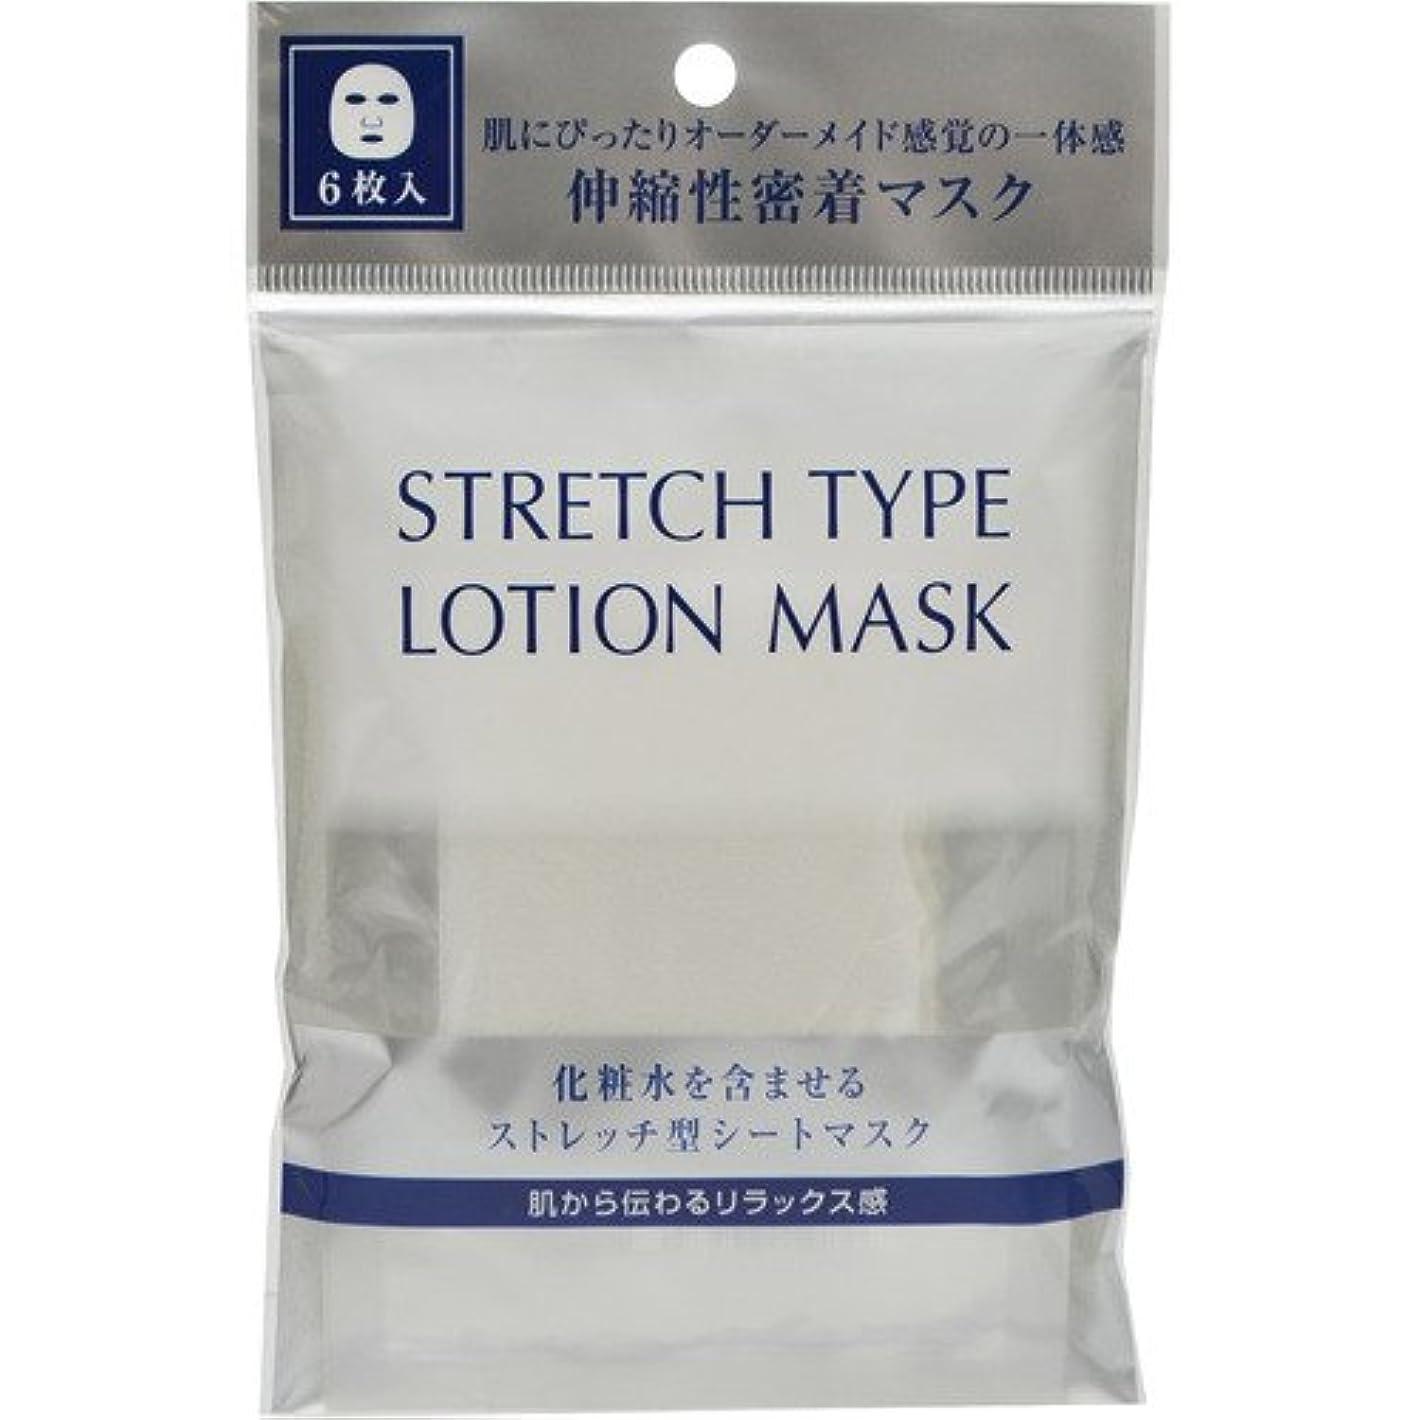 かび臭いが欲しい統計的コーセー 雪肌精 シュープレム ローションマスク (ストレッチシートタイプ) 6枚入り